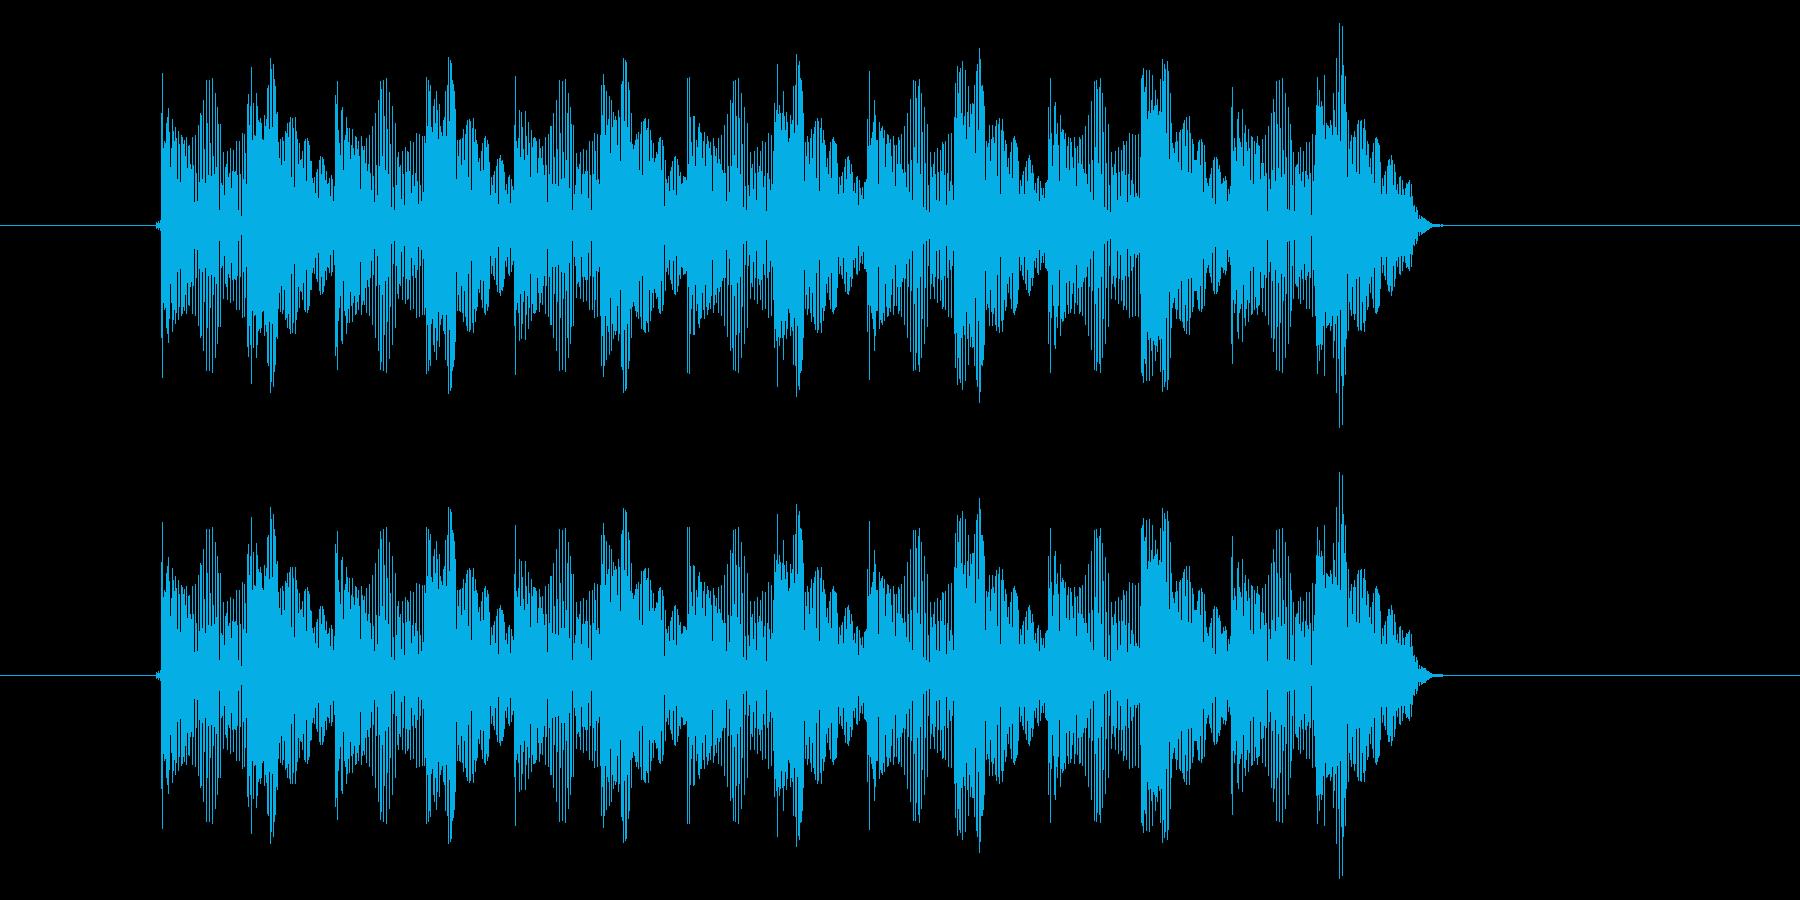 明るくポップな効果音の再生済みの波形